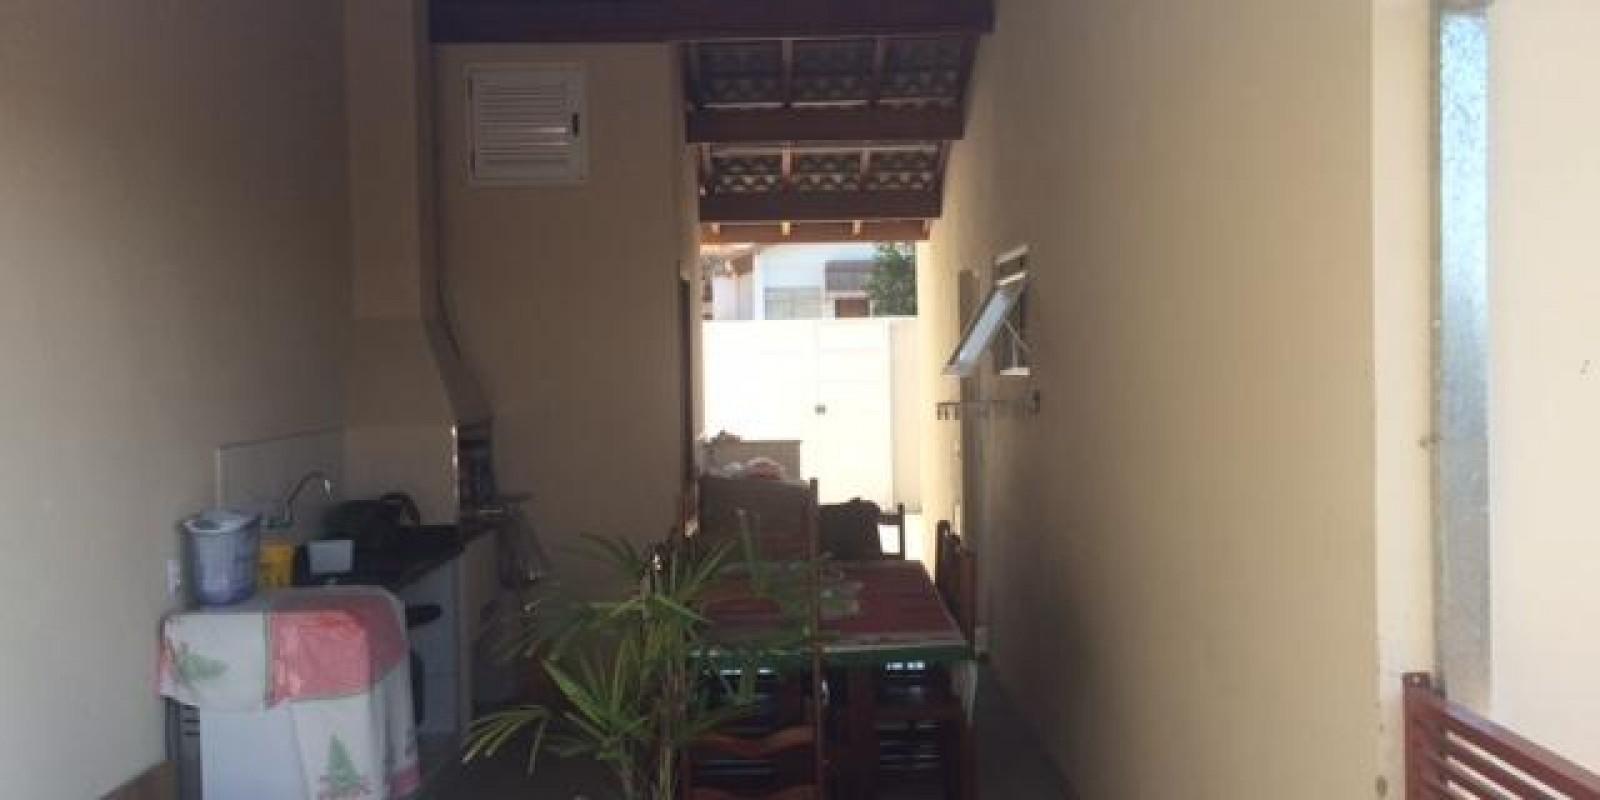 Casa no Bairro Água Branca em Avaré Sp - Foto 9 de 10